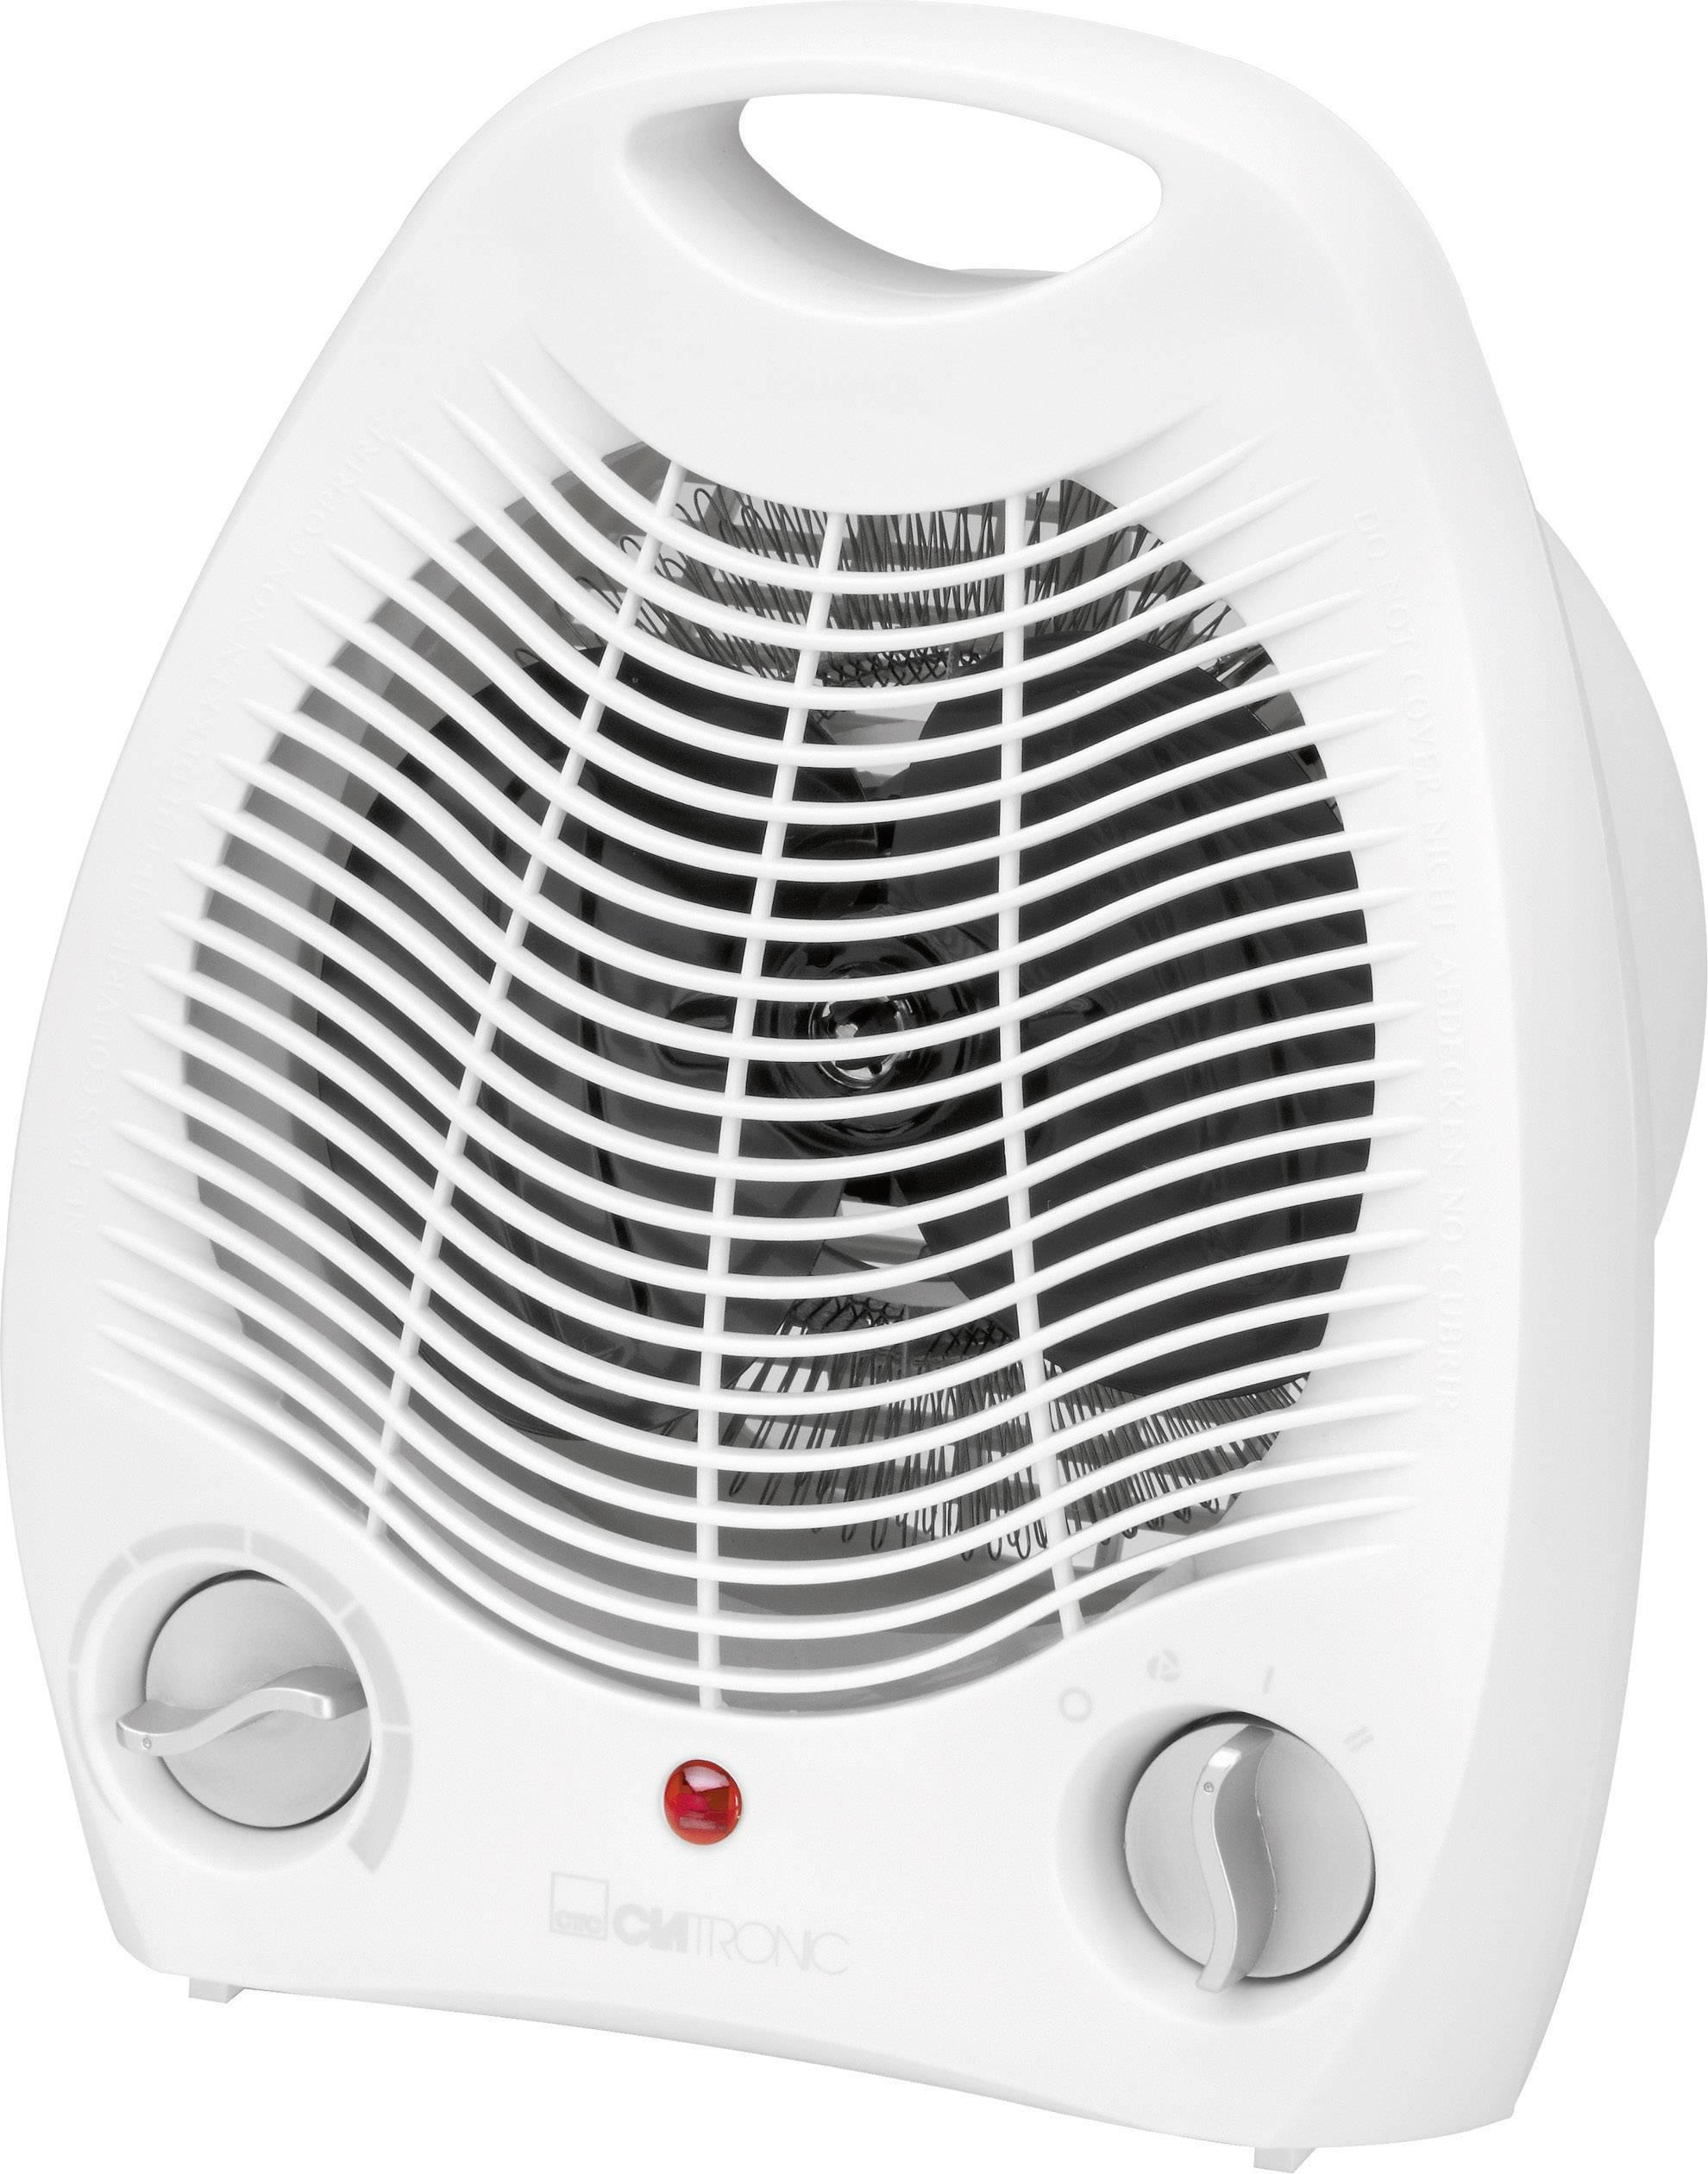 Vykurovací ventilátor Clatronic HL 3378 HL 3378, 16 m², 1000 W, 2000 W, biela